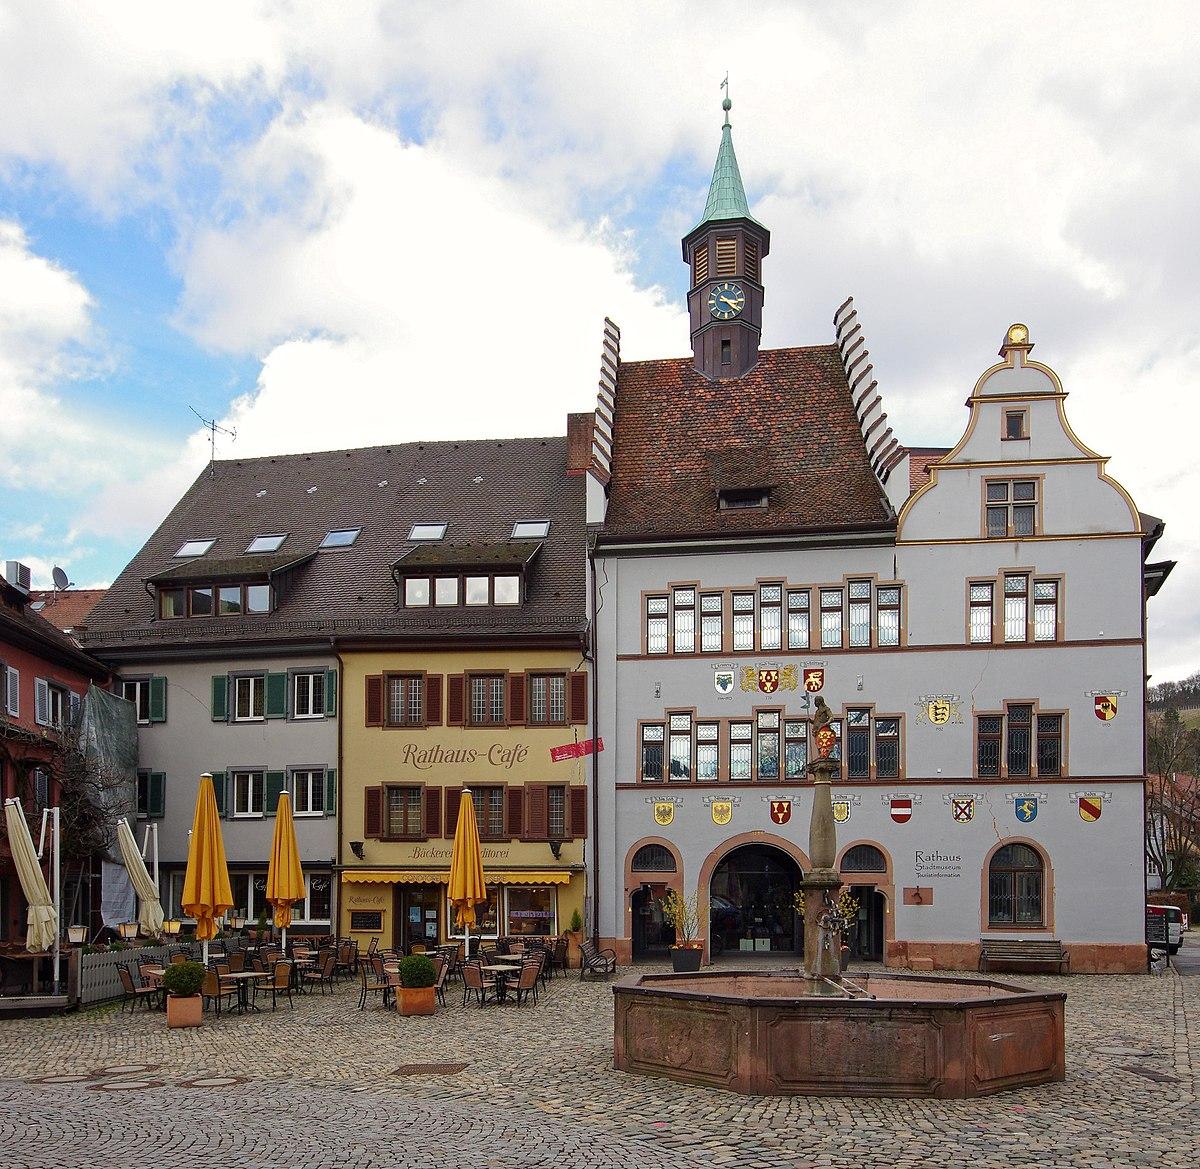 Rathausplatz jm2927.jpg